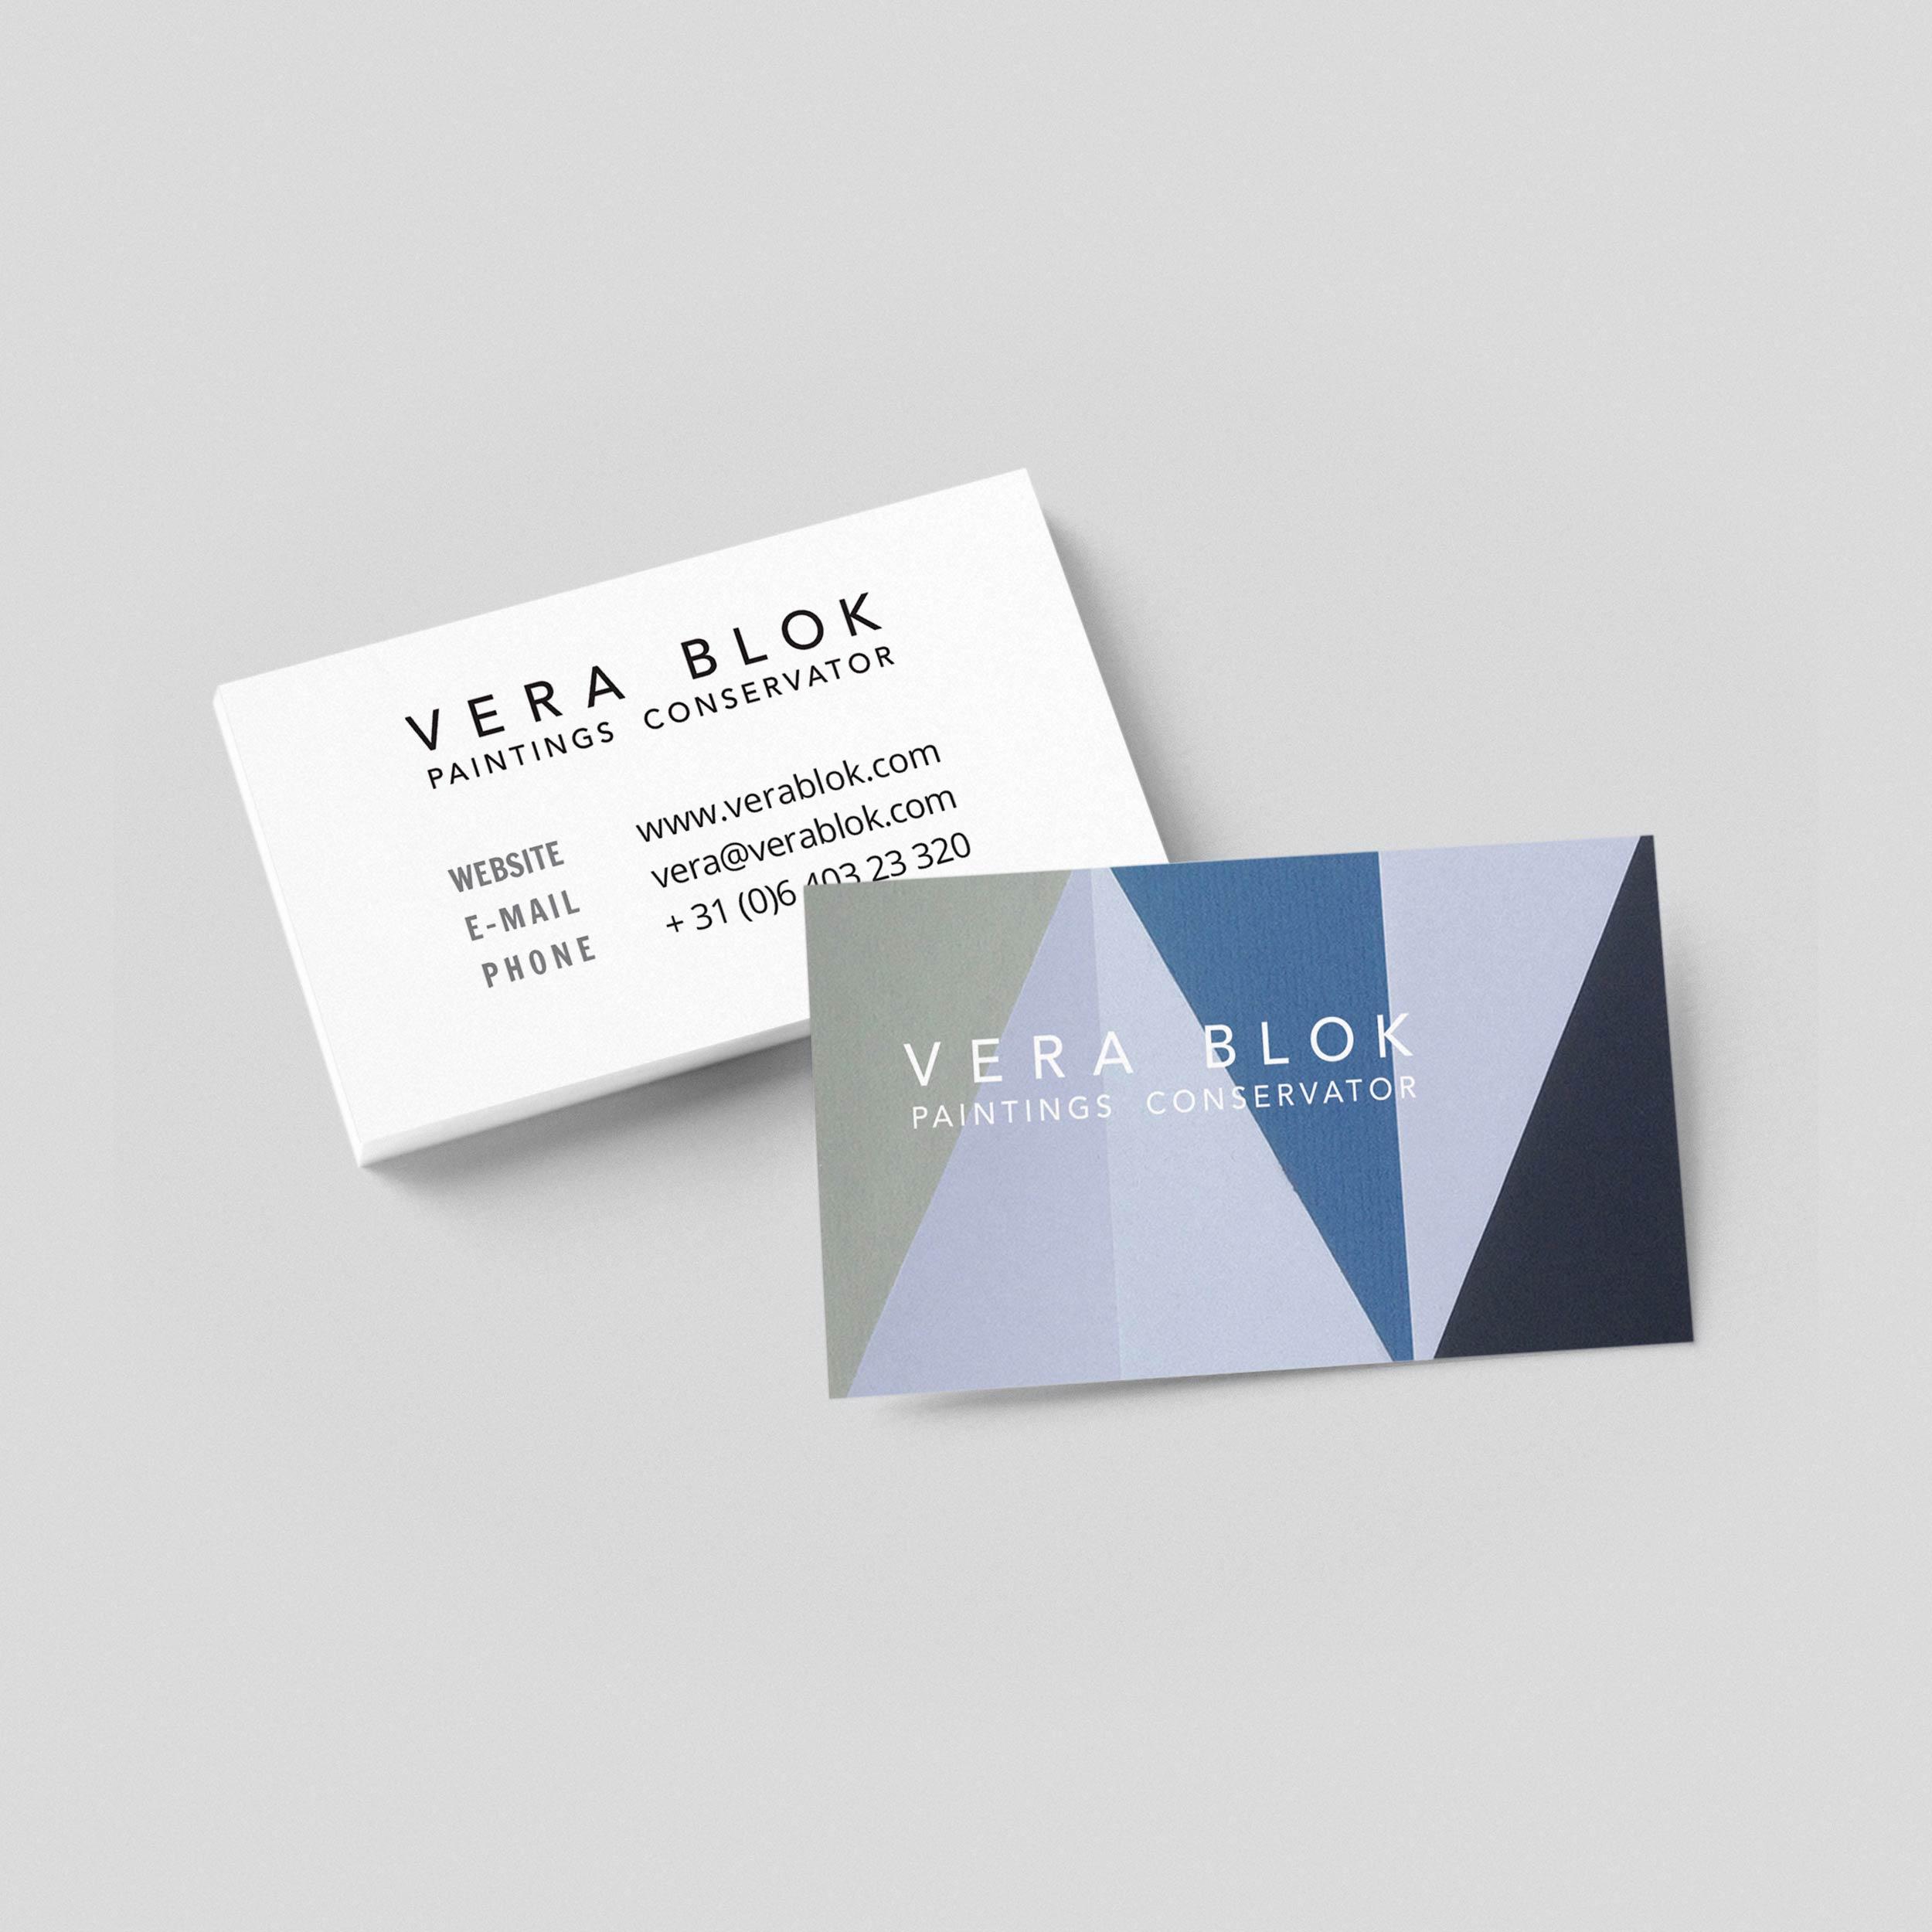 Vera_Visitekaart_sq